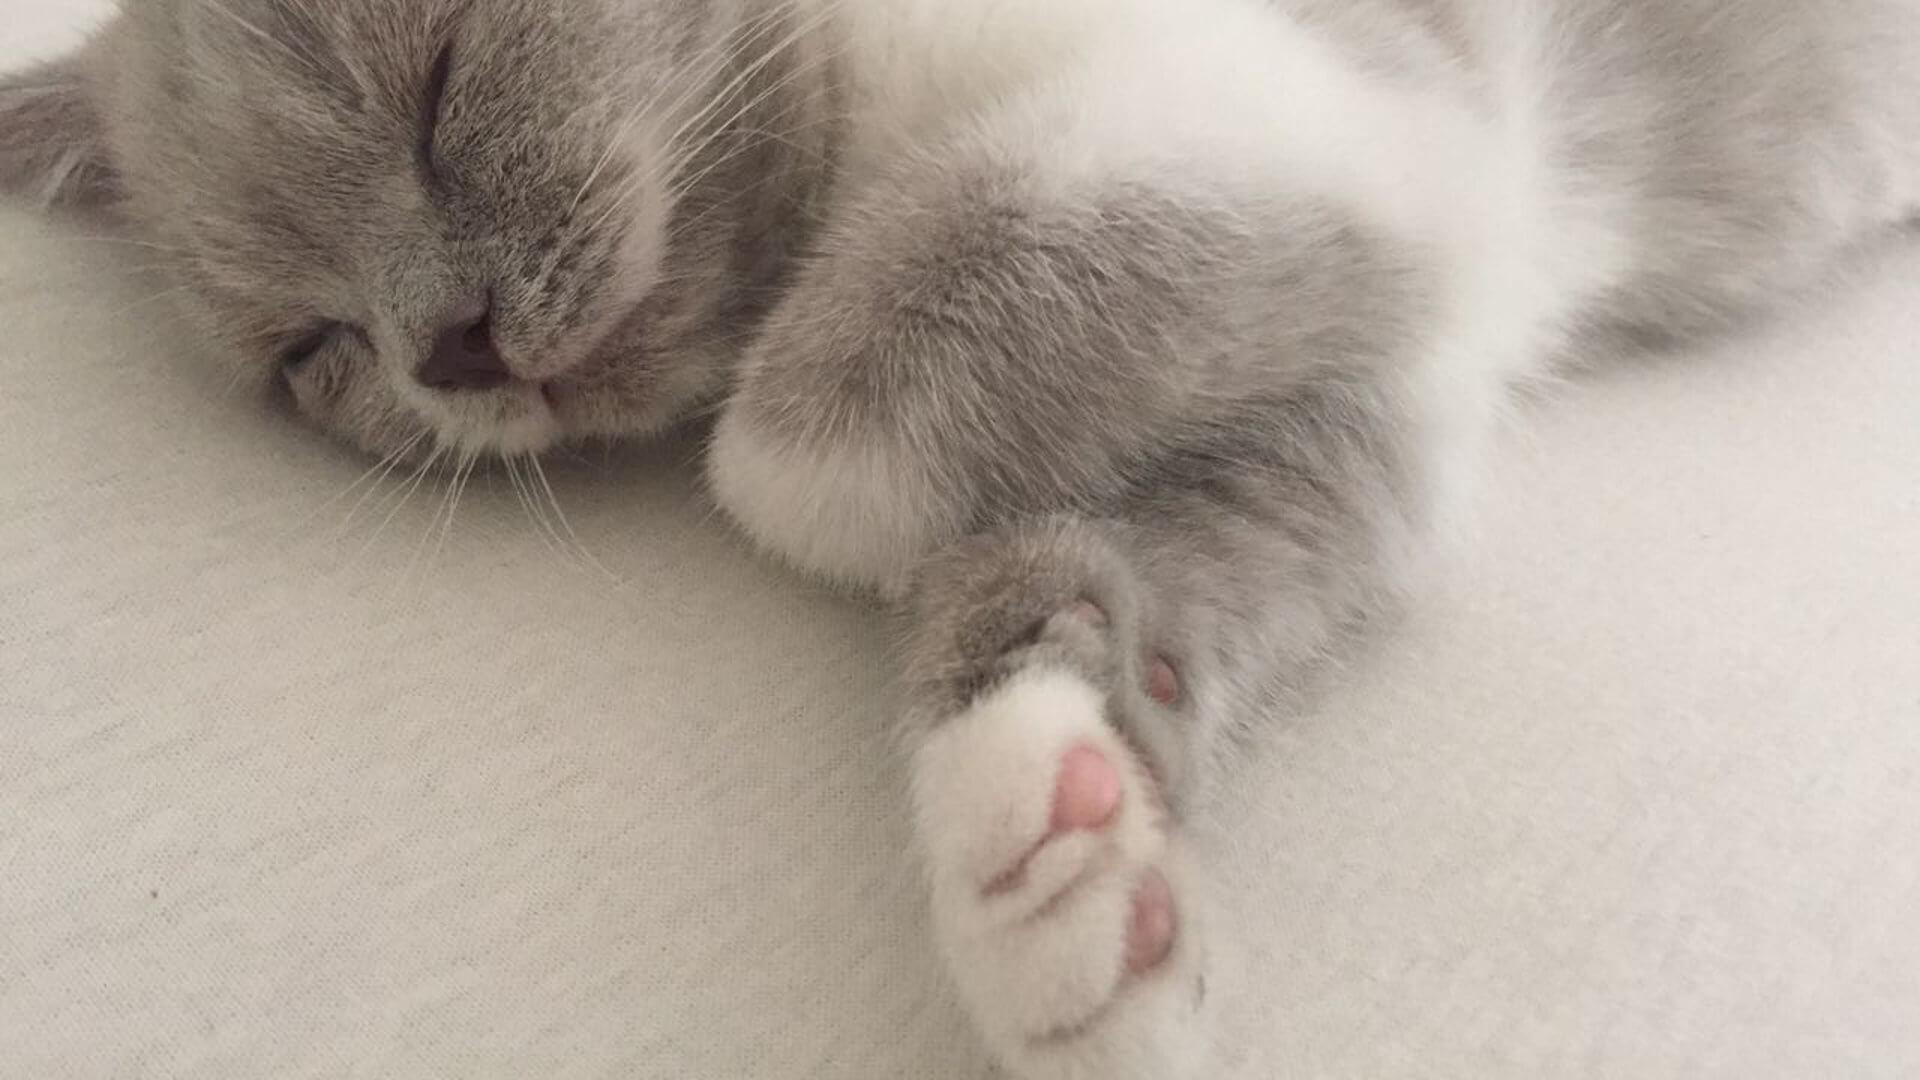 Bett mit schlafender Katze